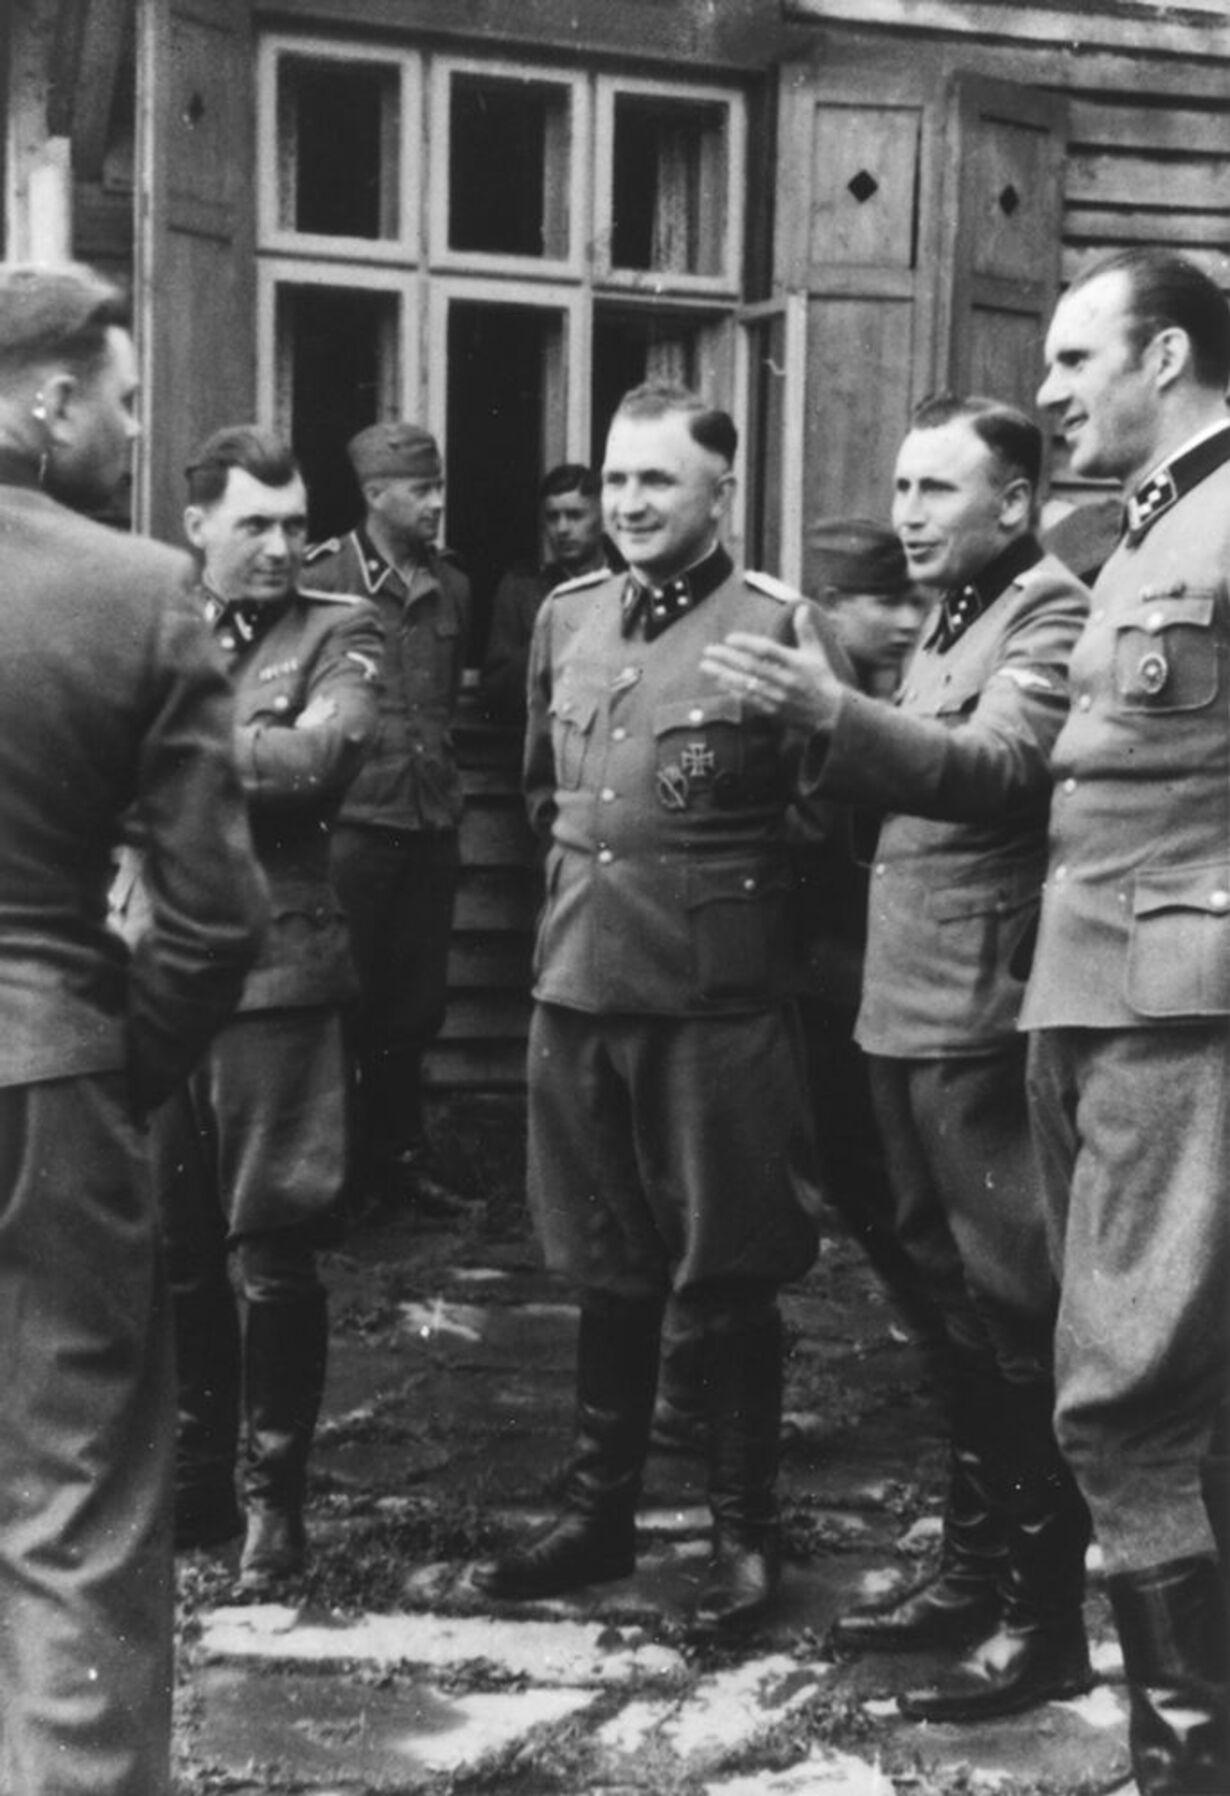 Sjældne billeder fra Auschwitz - 4